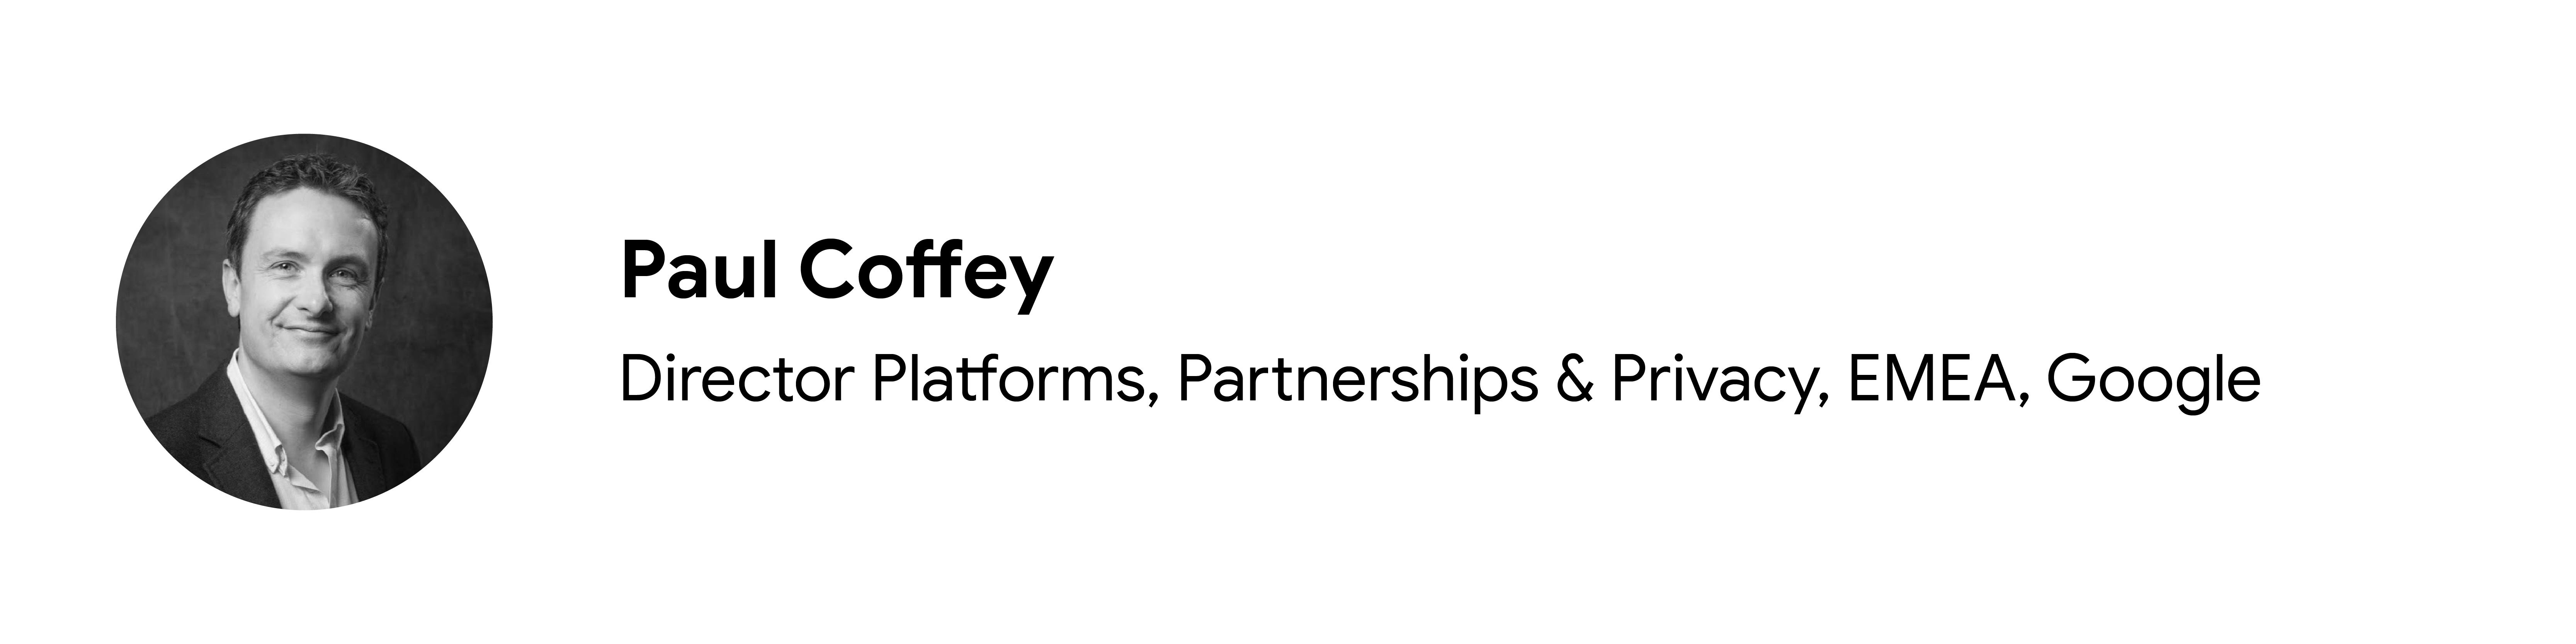 Katkıda bulunan Paul Coffey'nin siyah beyaz vesikalık fotoğrafı, Platformlar, Ortaklıklar ve Gizlilik Direktörü, EMEA, Google